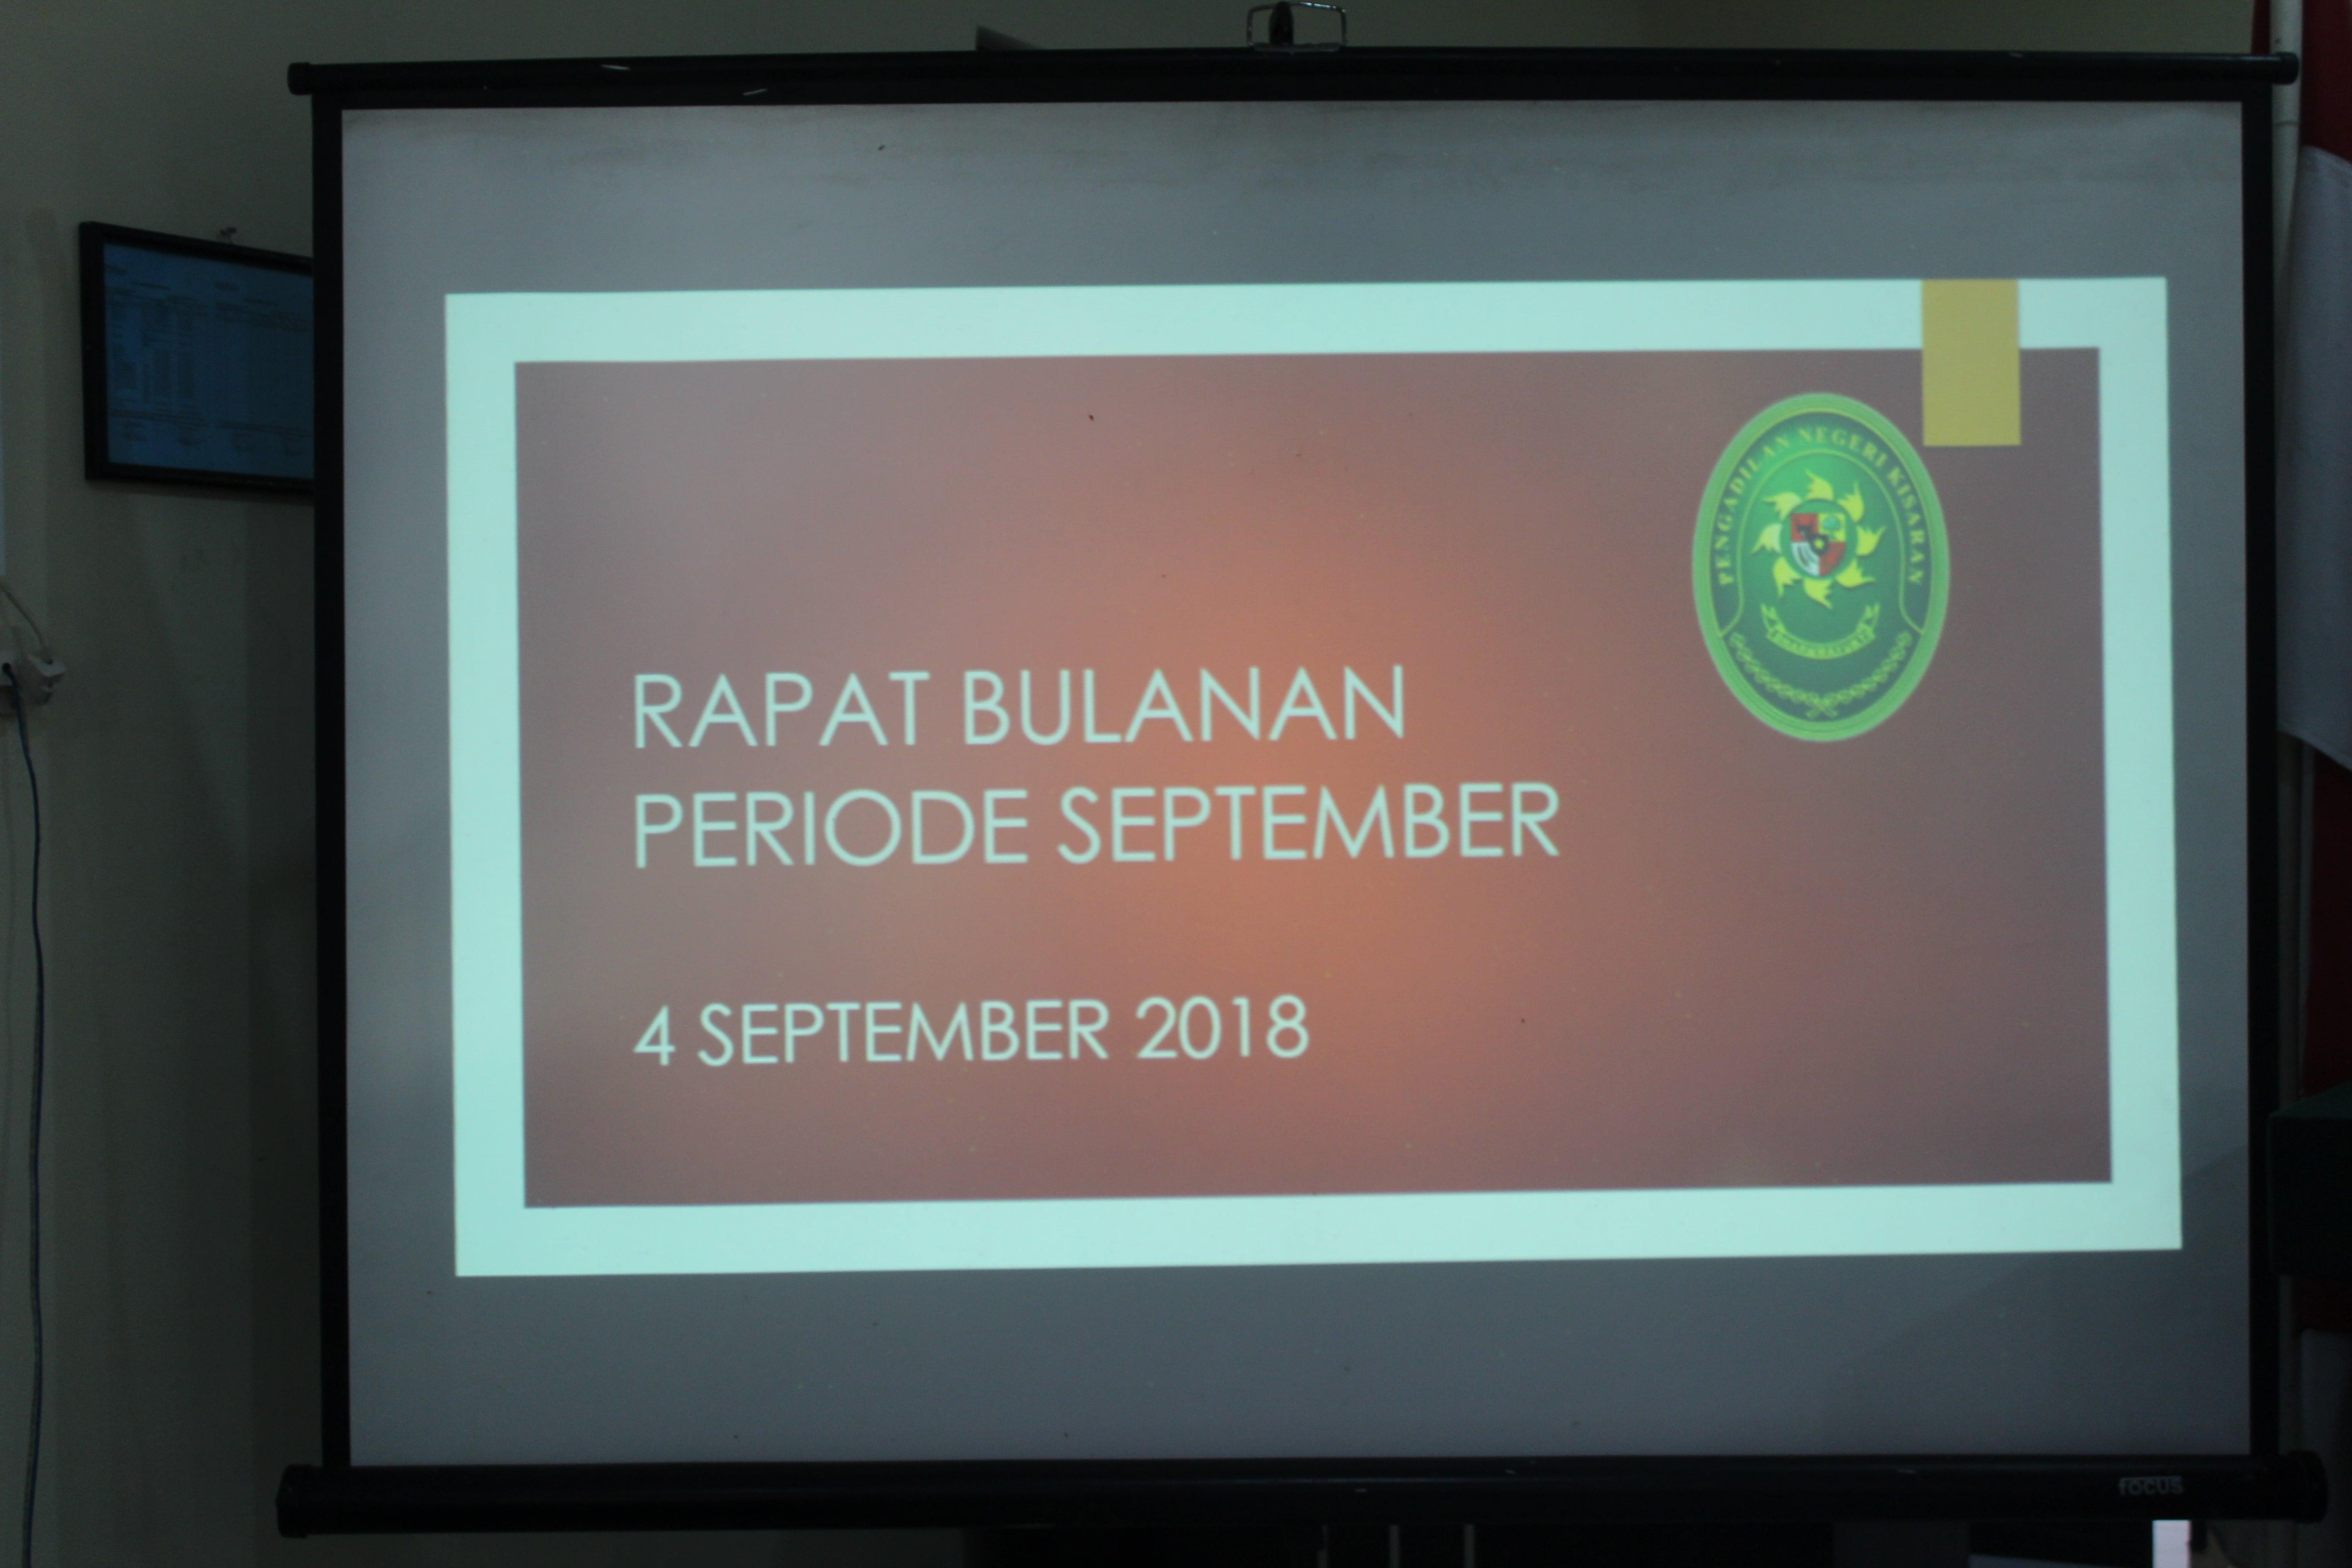 Rapat Bulanan Periode September 2018